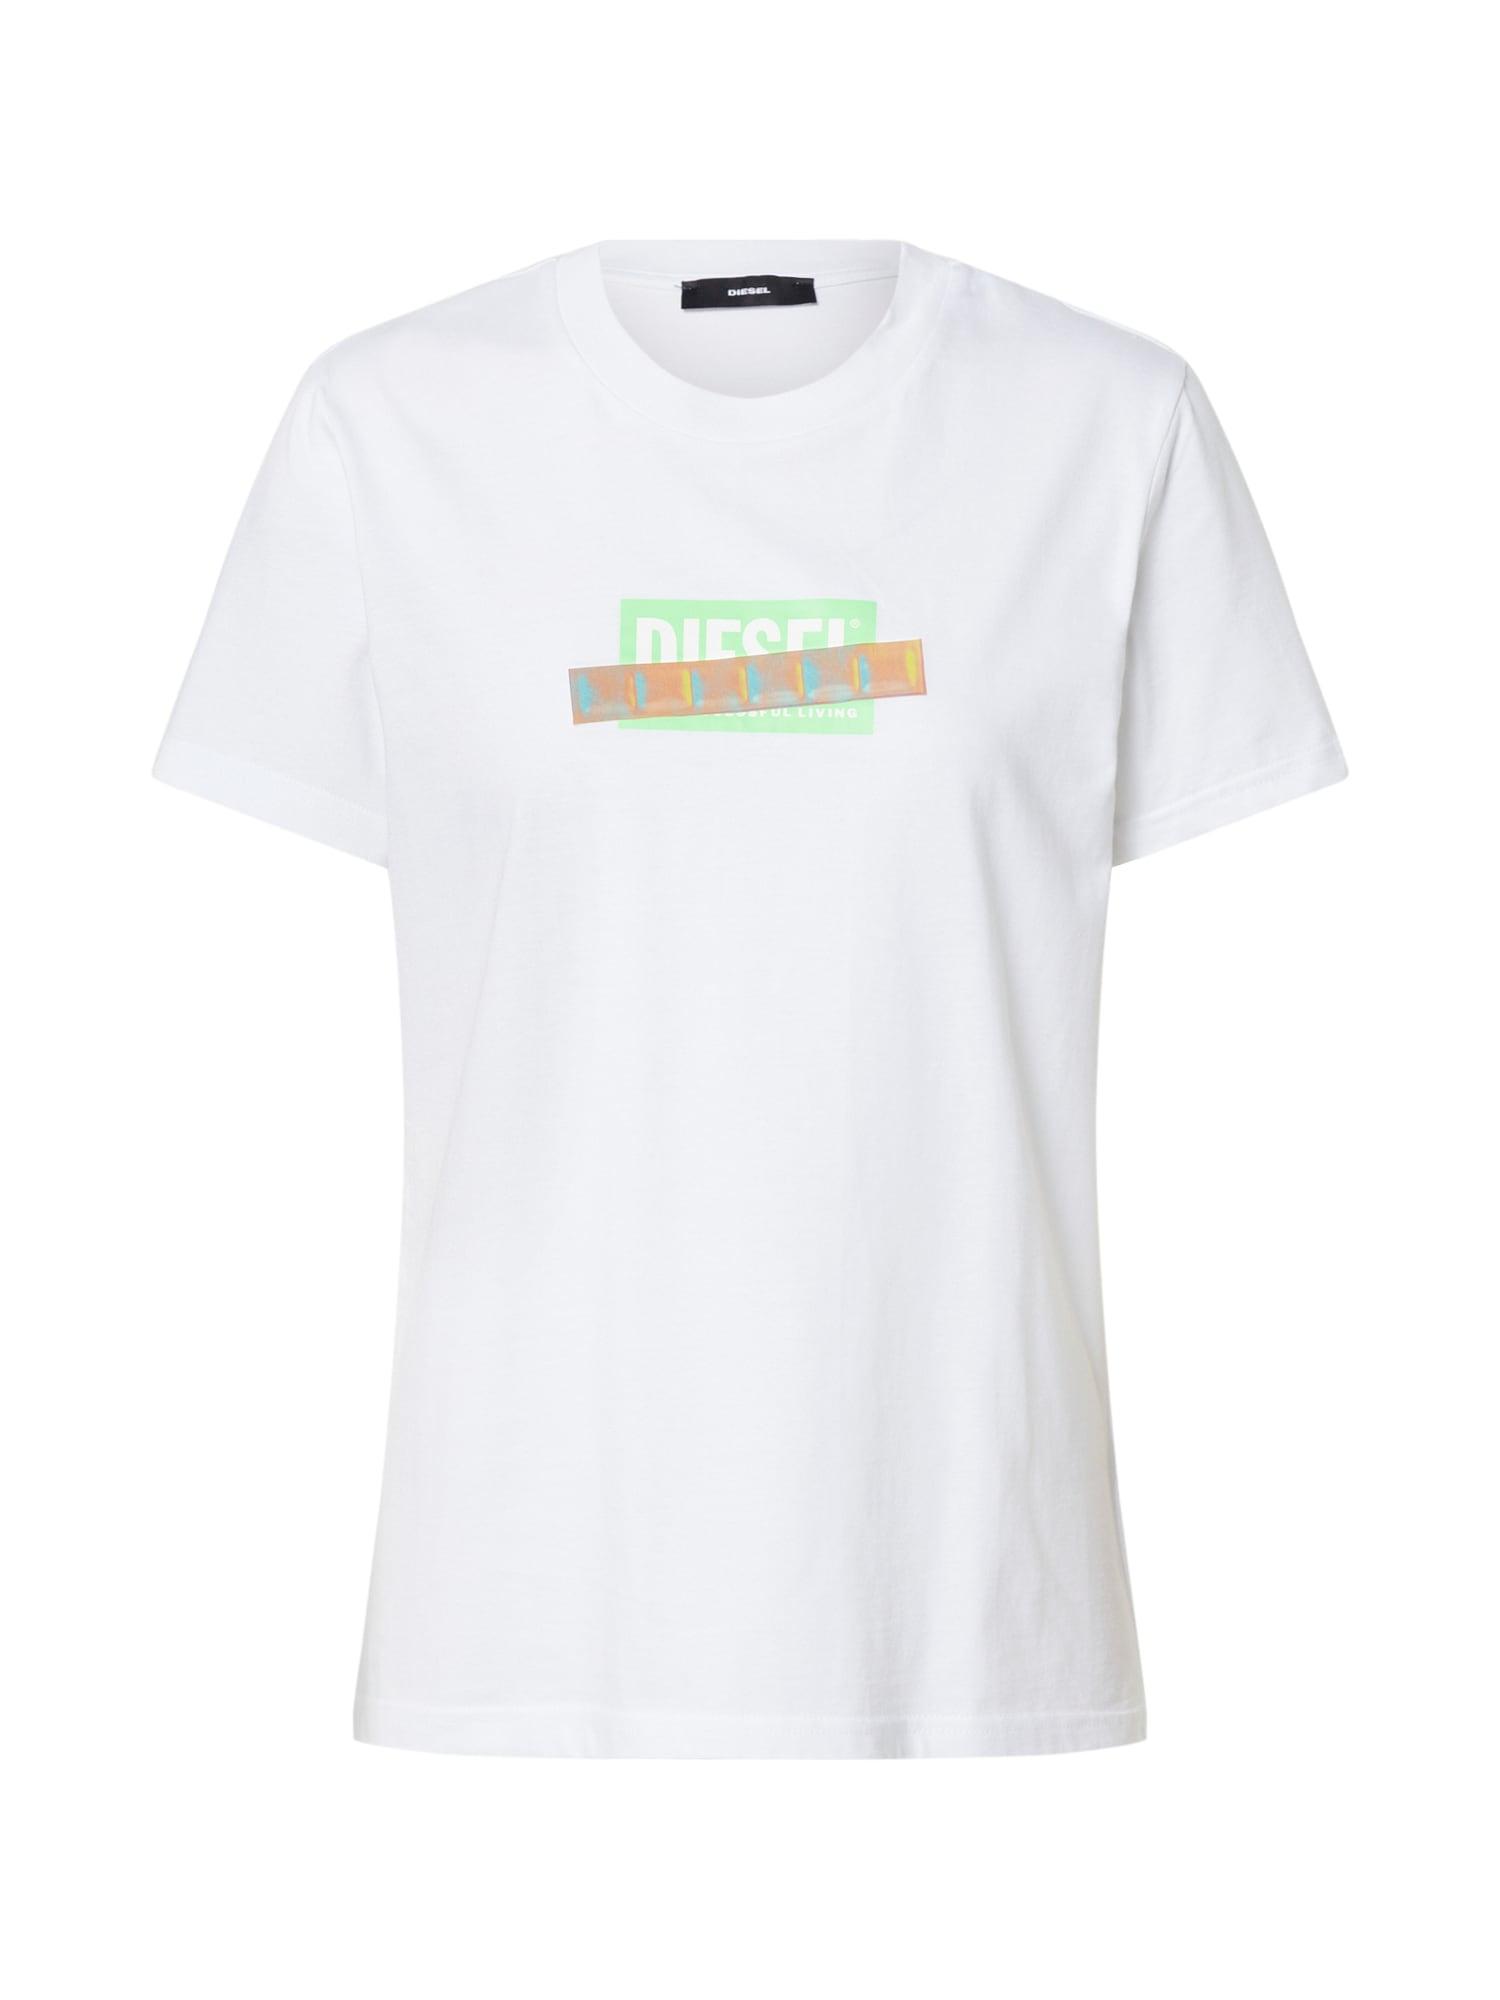 DIESEL Marškinėliai 'T-SILY-S2' balta